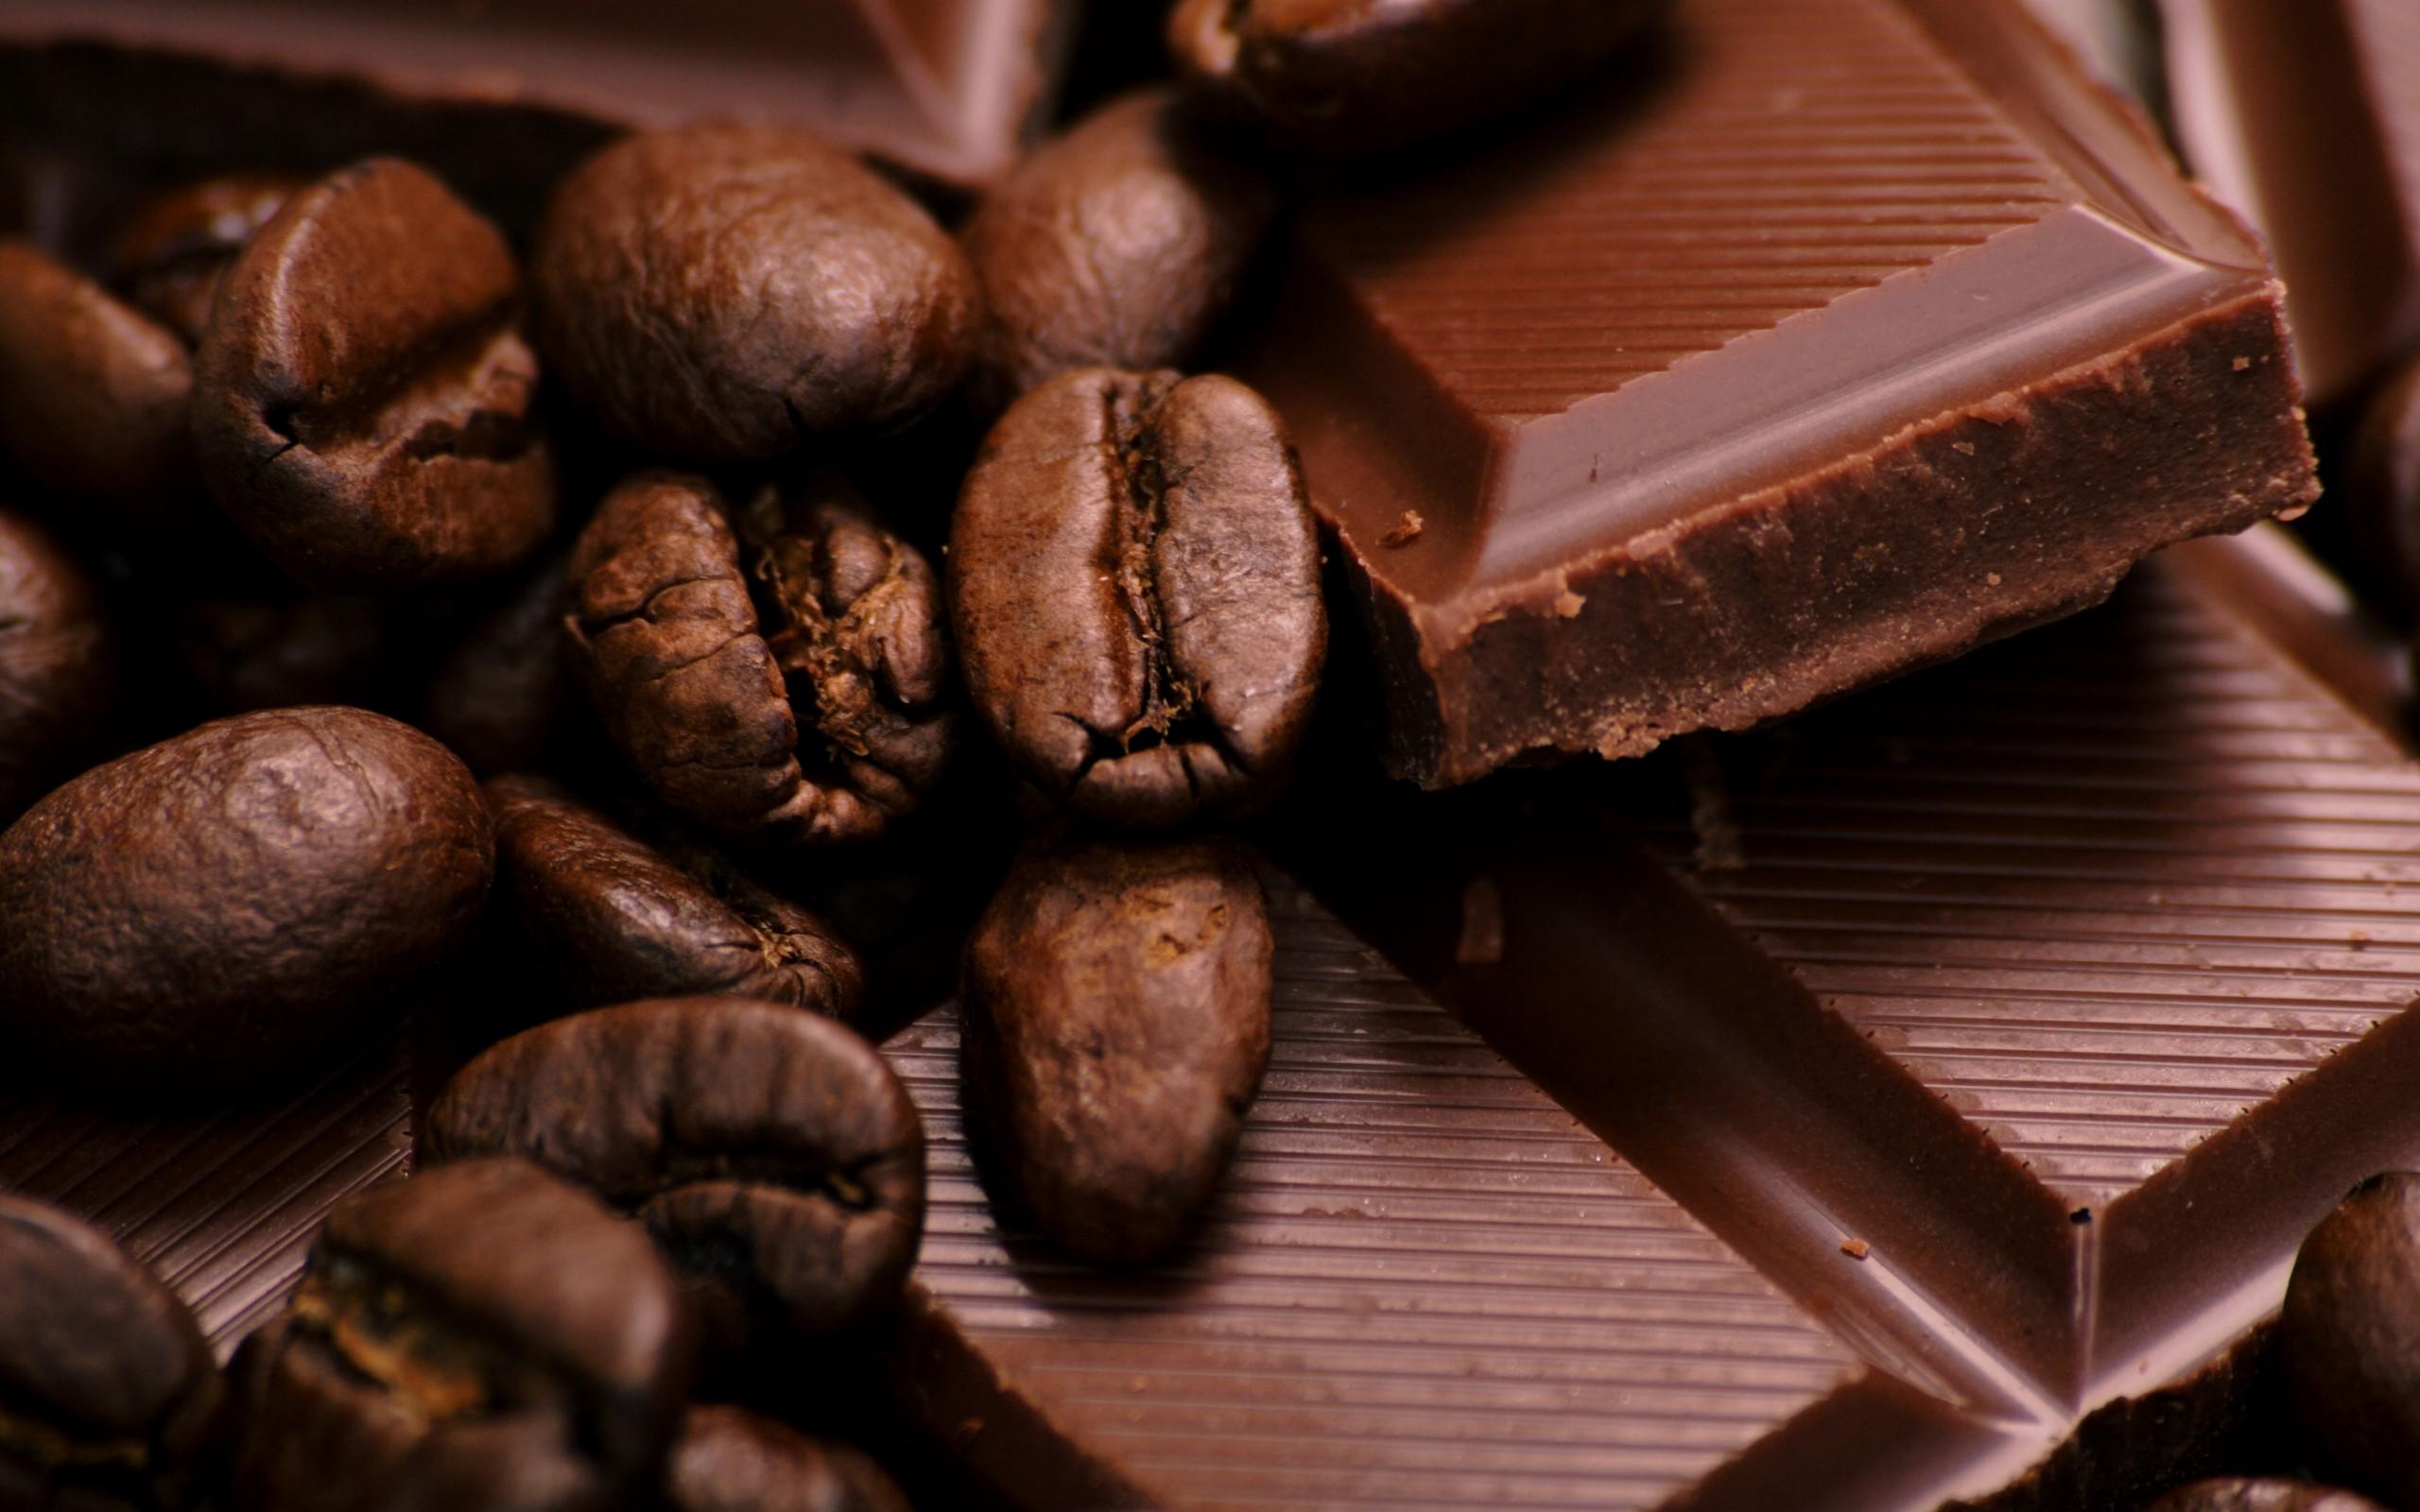 Ученые утверждают, что темный шоколад опасен для здоровья